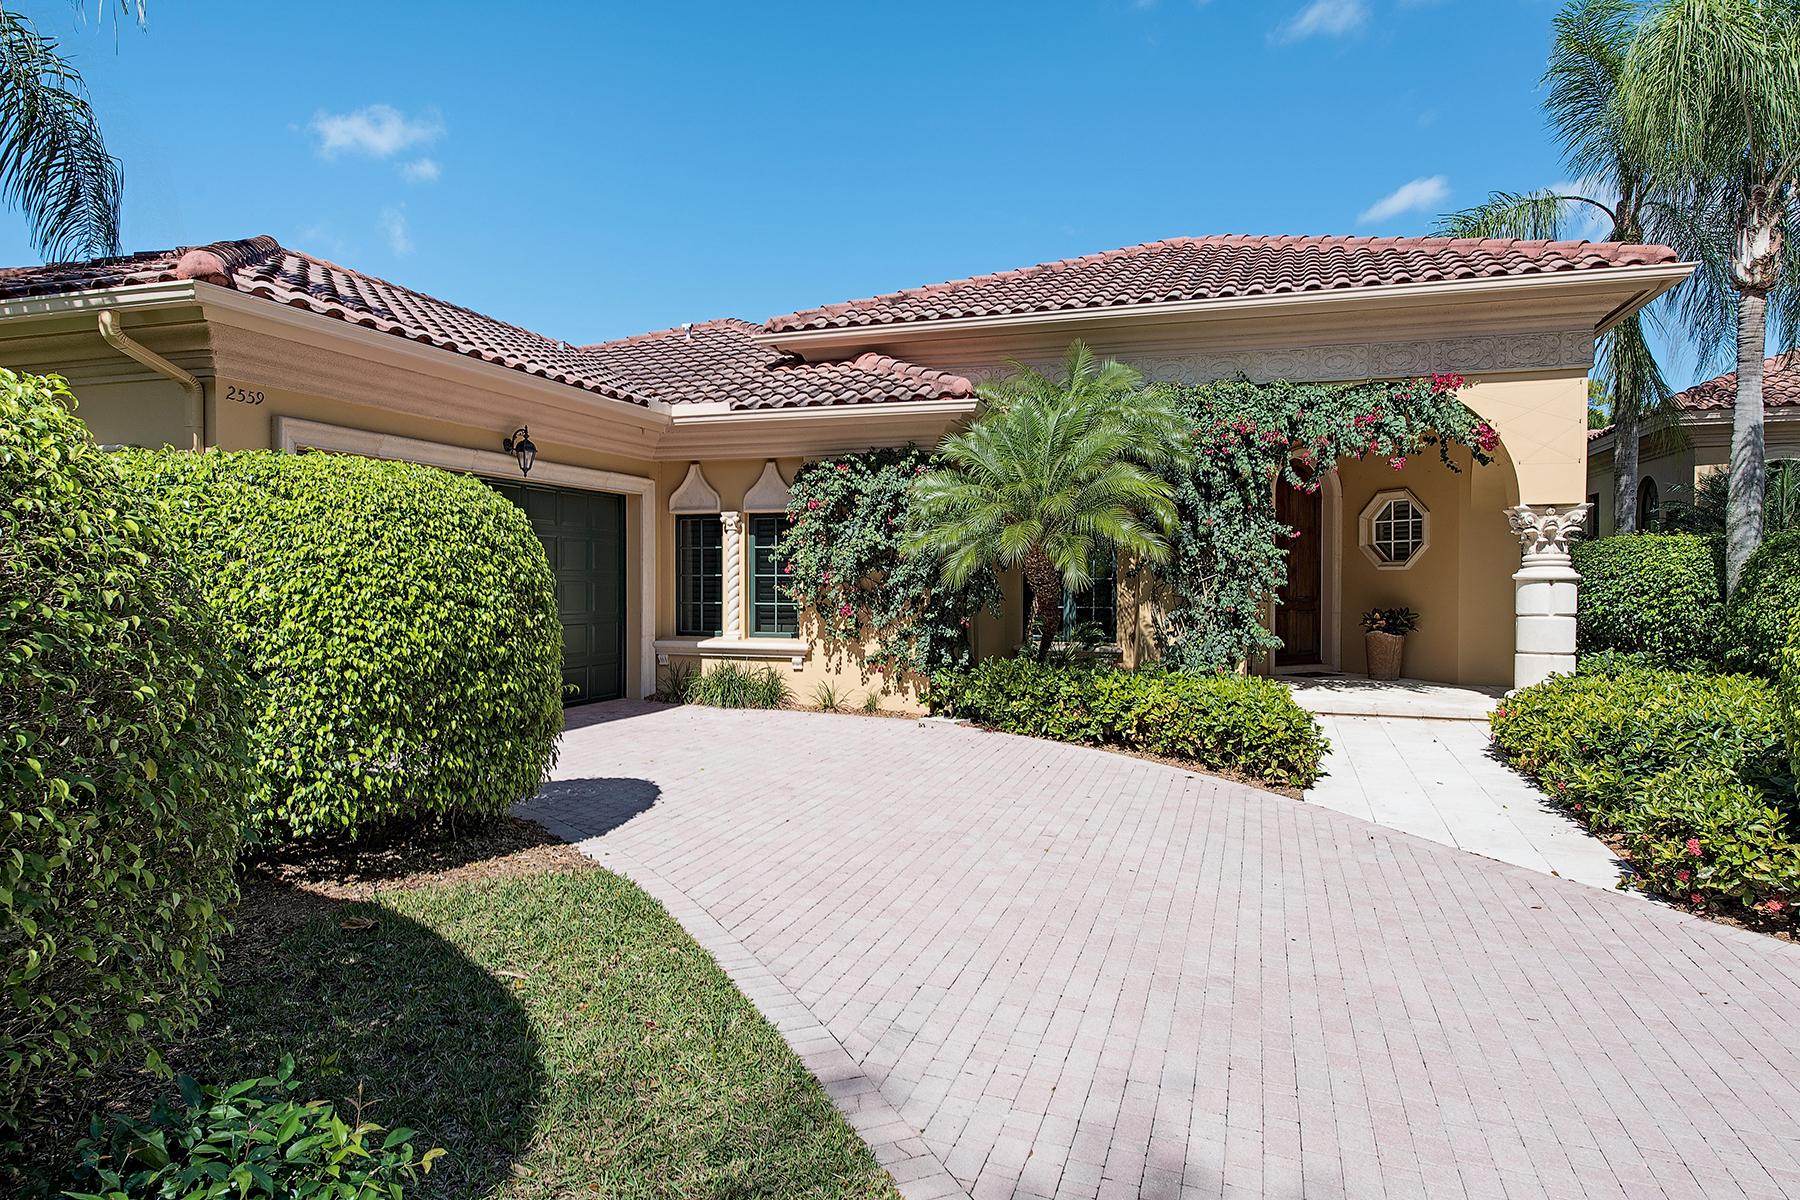 一戸建て のために 売買 アット Grey Oaks 2559 Avila Ln Naples, フロリダ, 34105 アメリカ合衆国